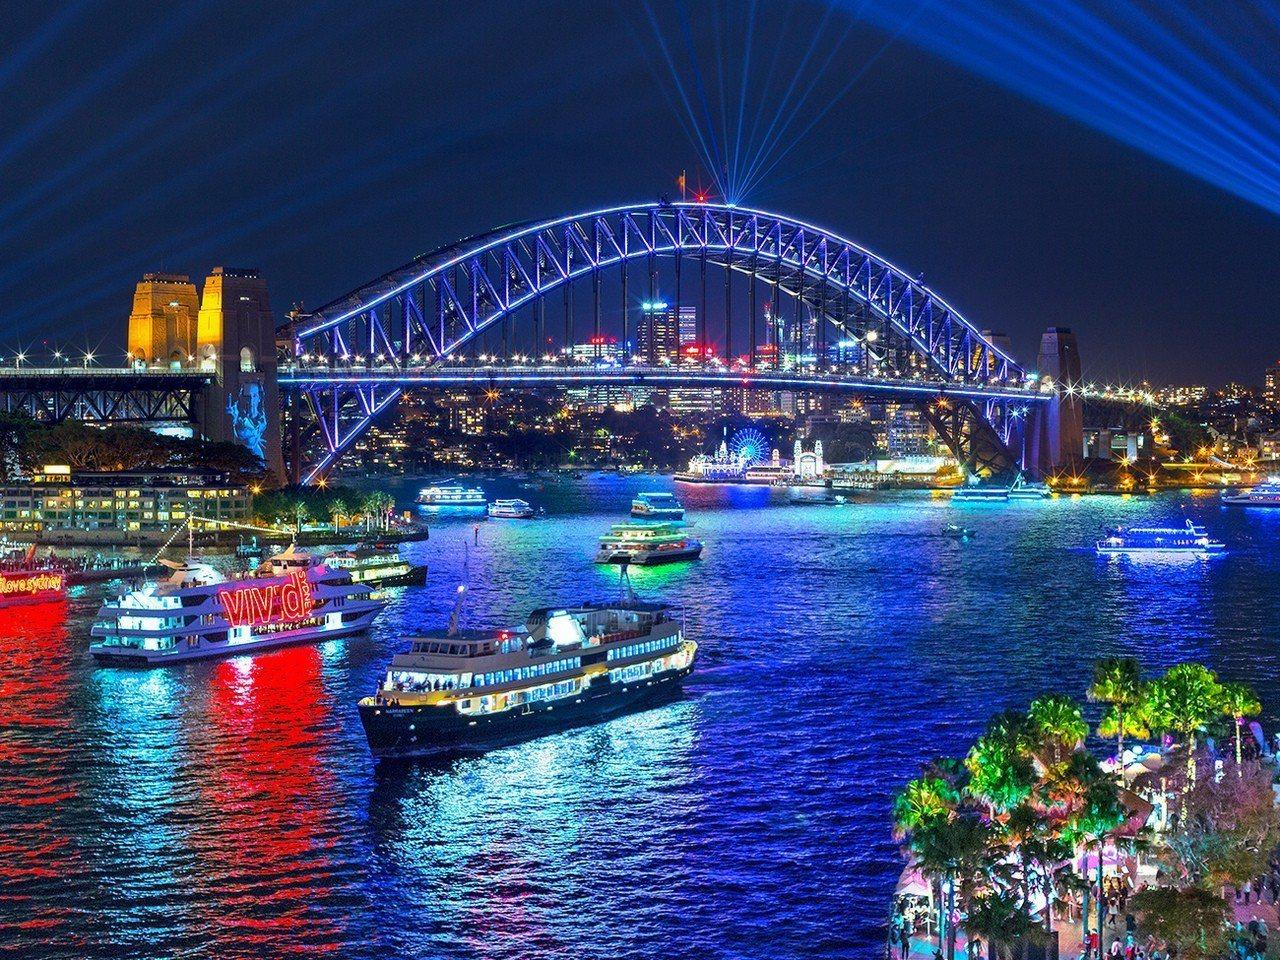 璀璨耀眼的七彩燈光,打亮雪梨的夜晚。圖/Destination NSW